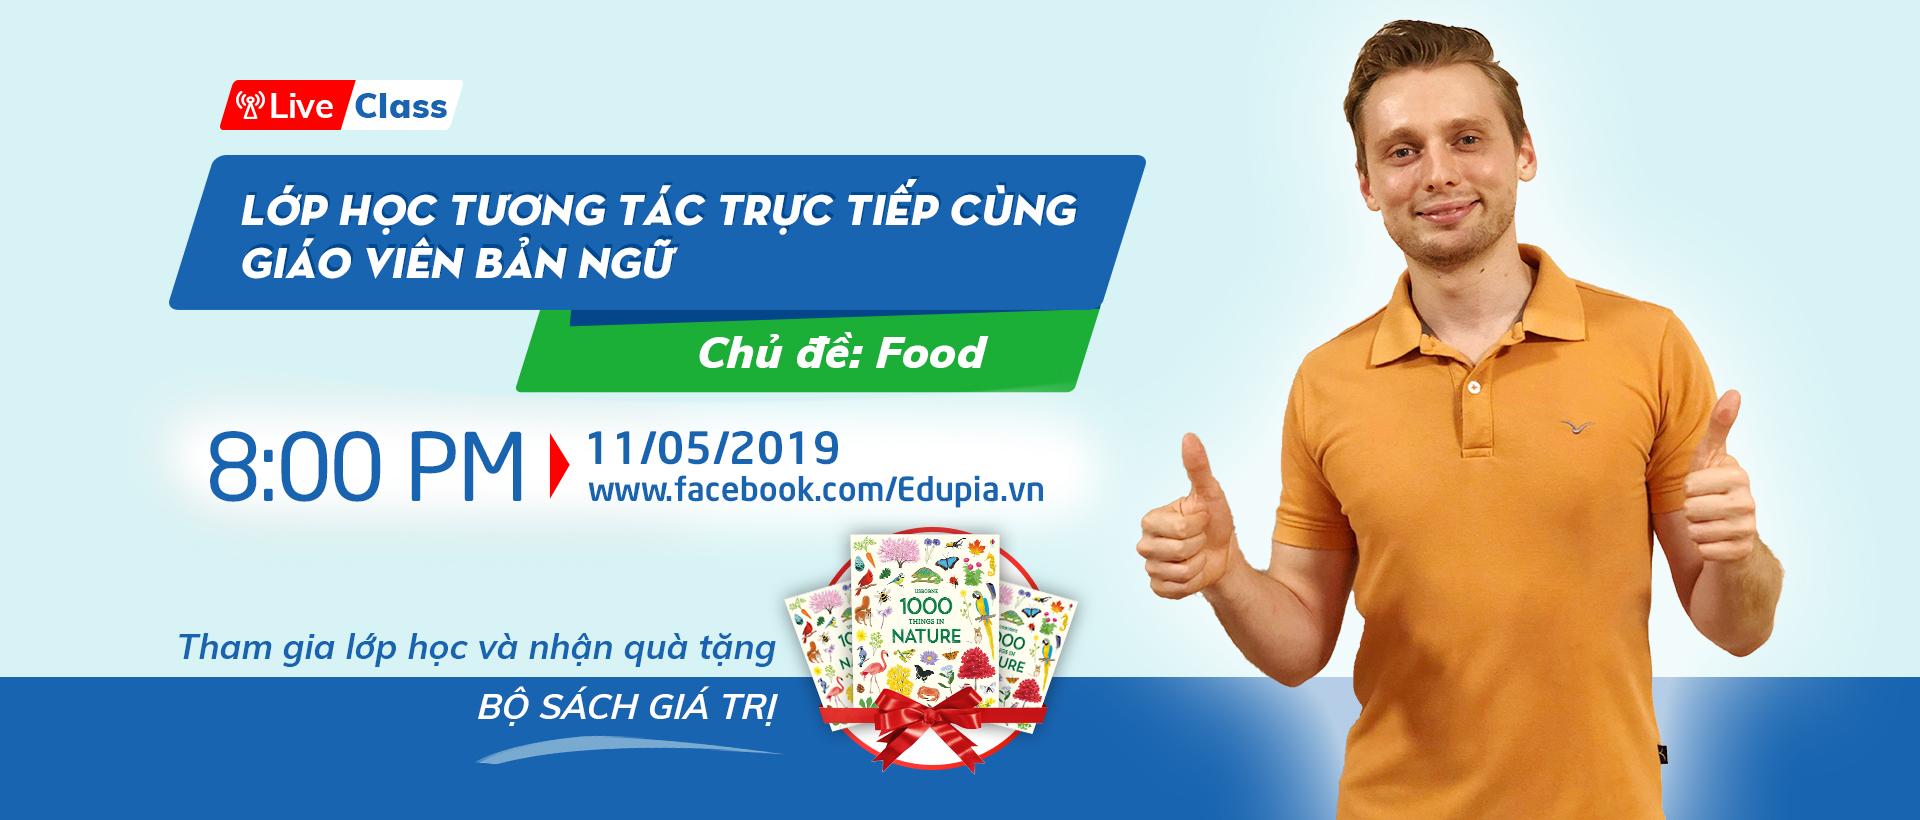 Live class tuần 3 - CHỦ ĐỀ: FOOD